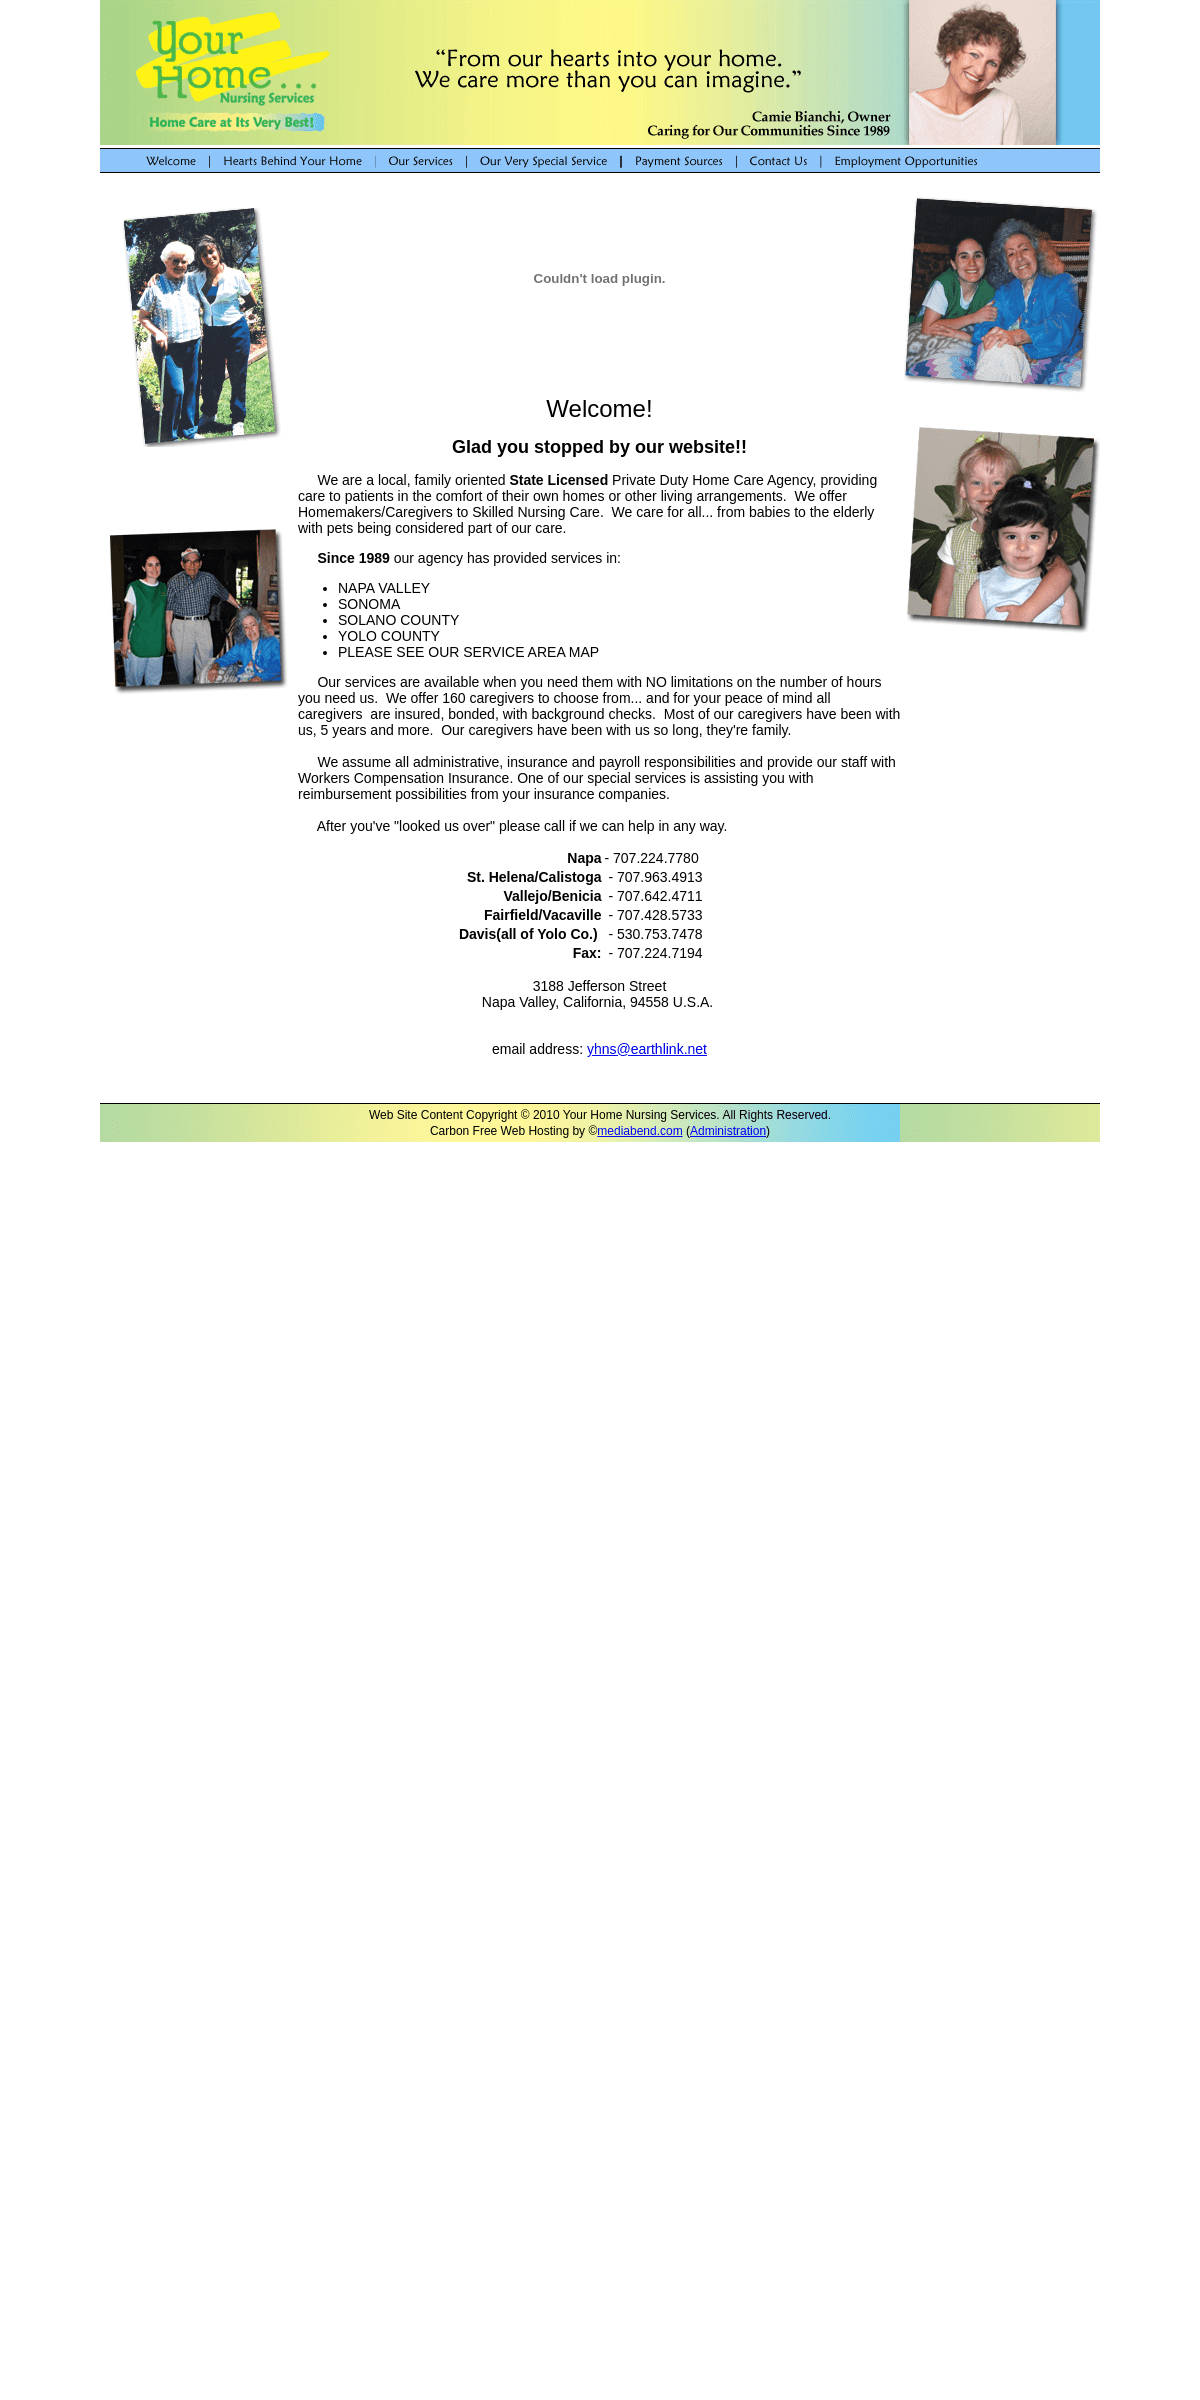 ArchiveBay.com - yourhomenursing.com - YHNS - Welcome!